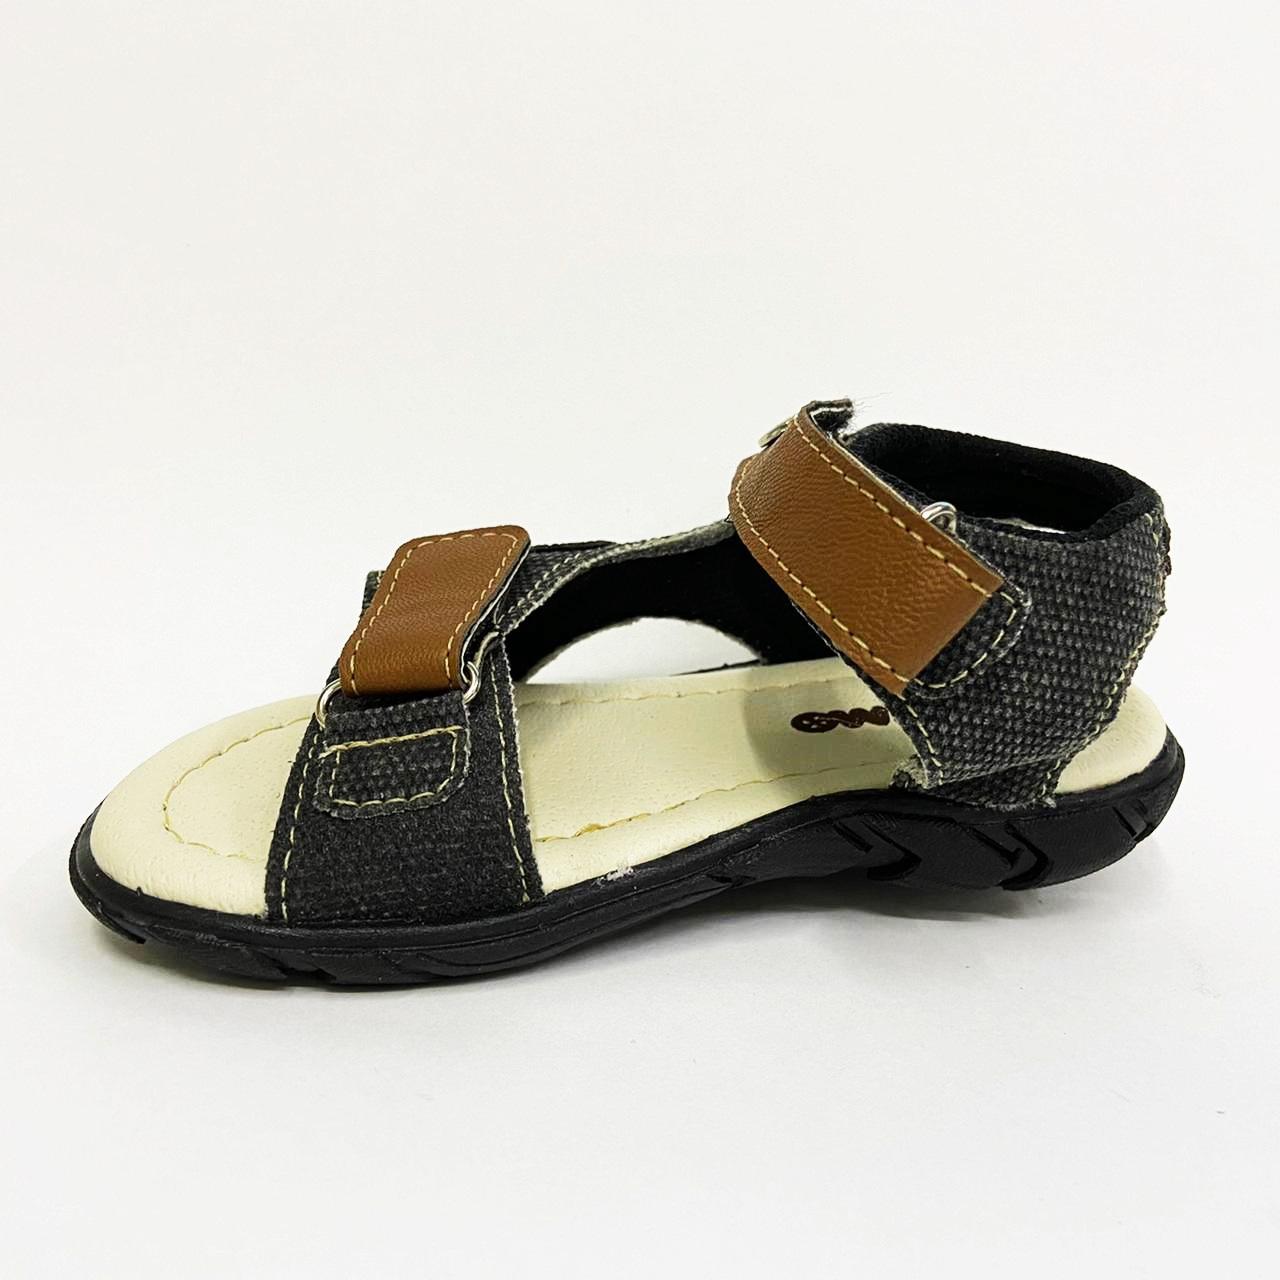 Sandalia Infantil Masculina Kimimo 4012-02 - Preto